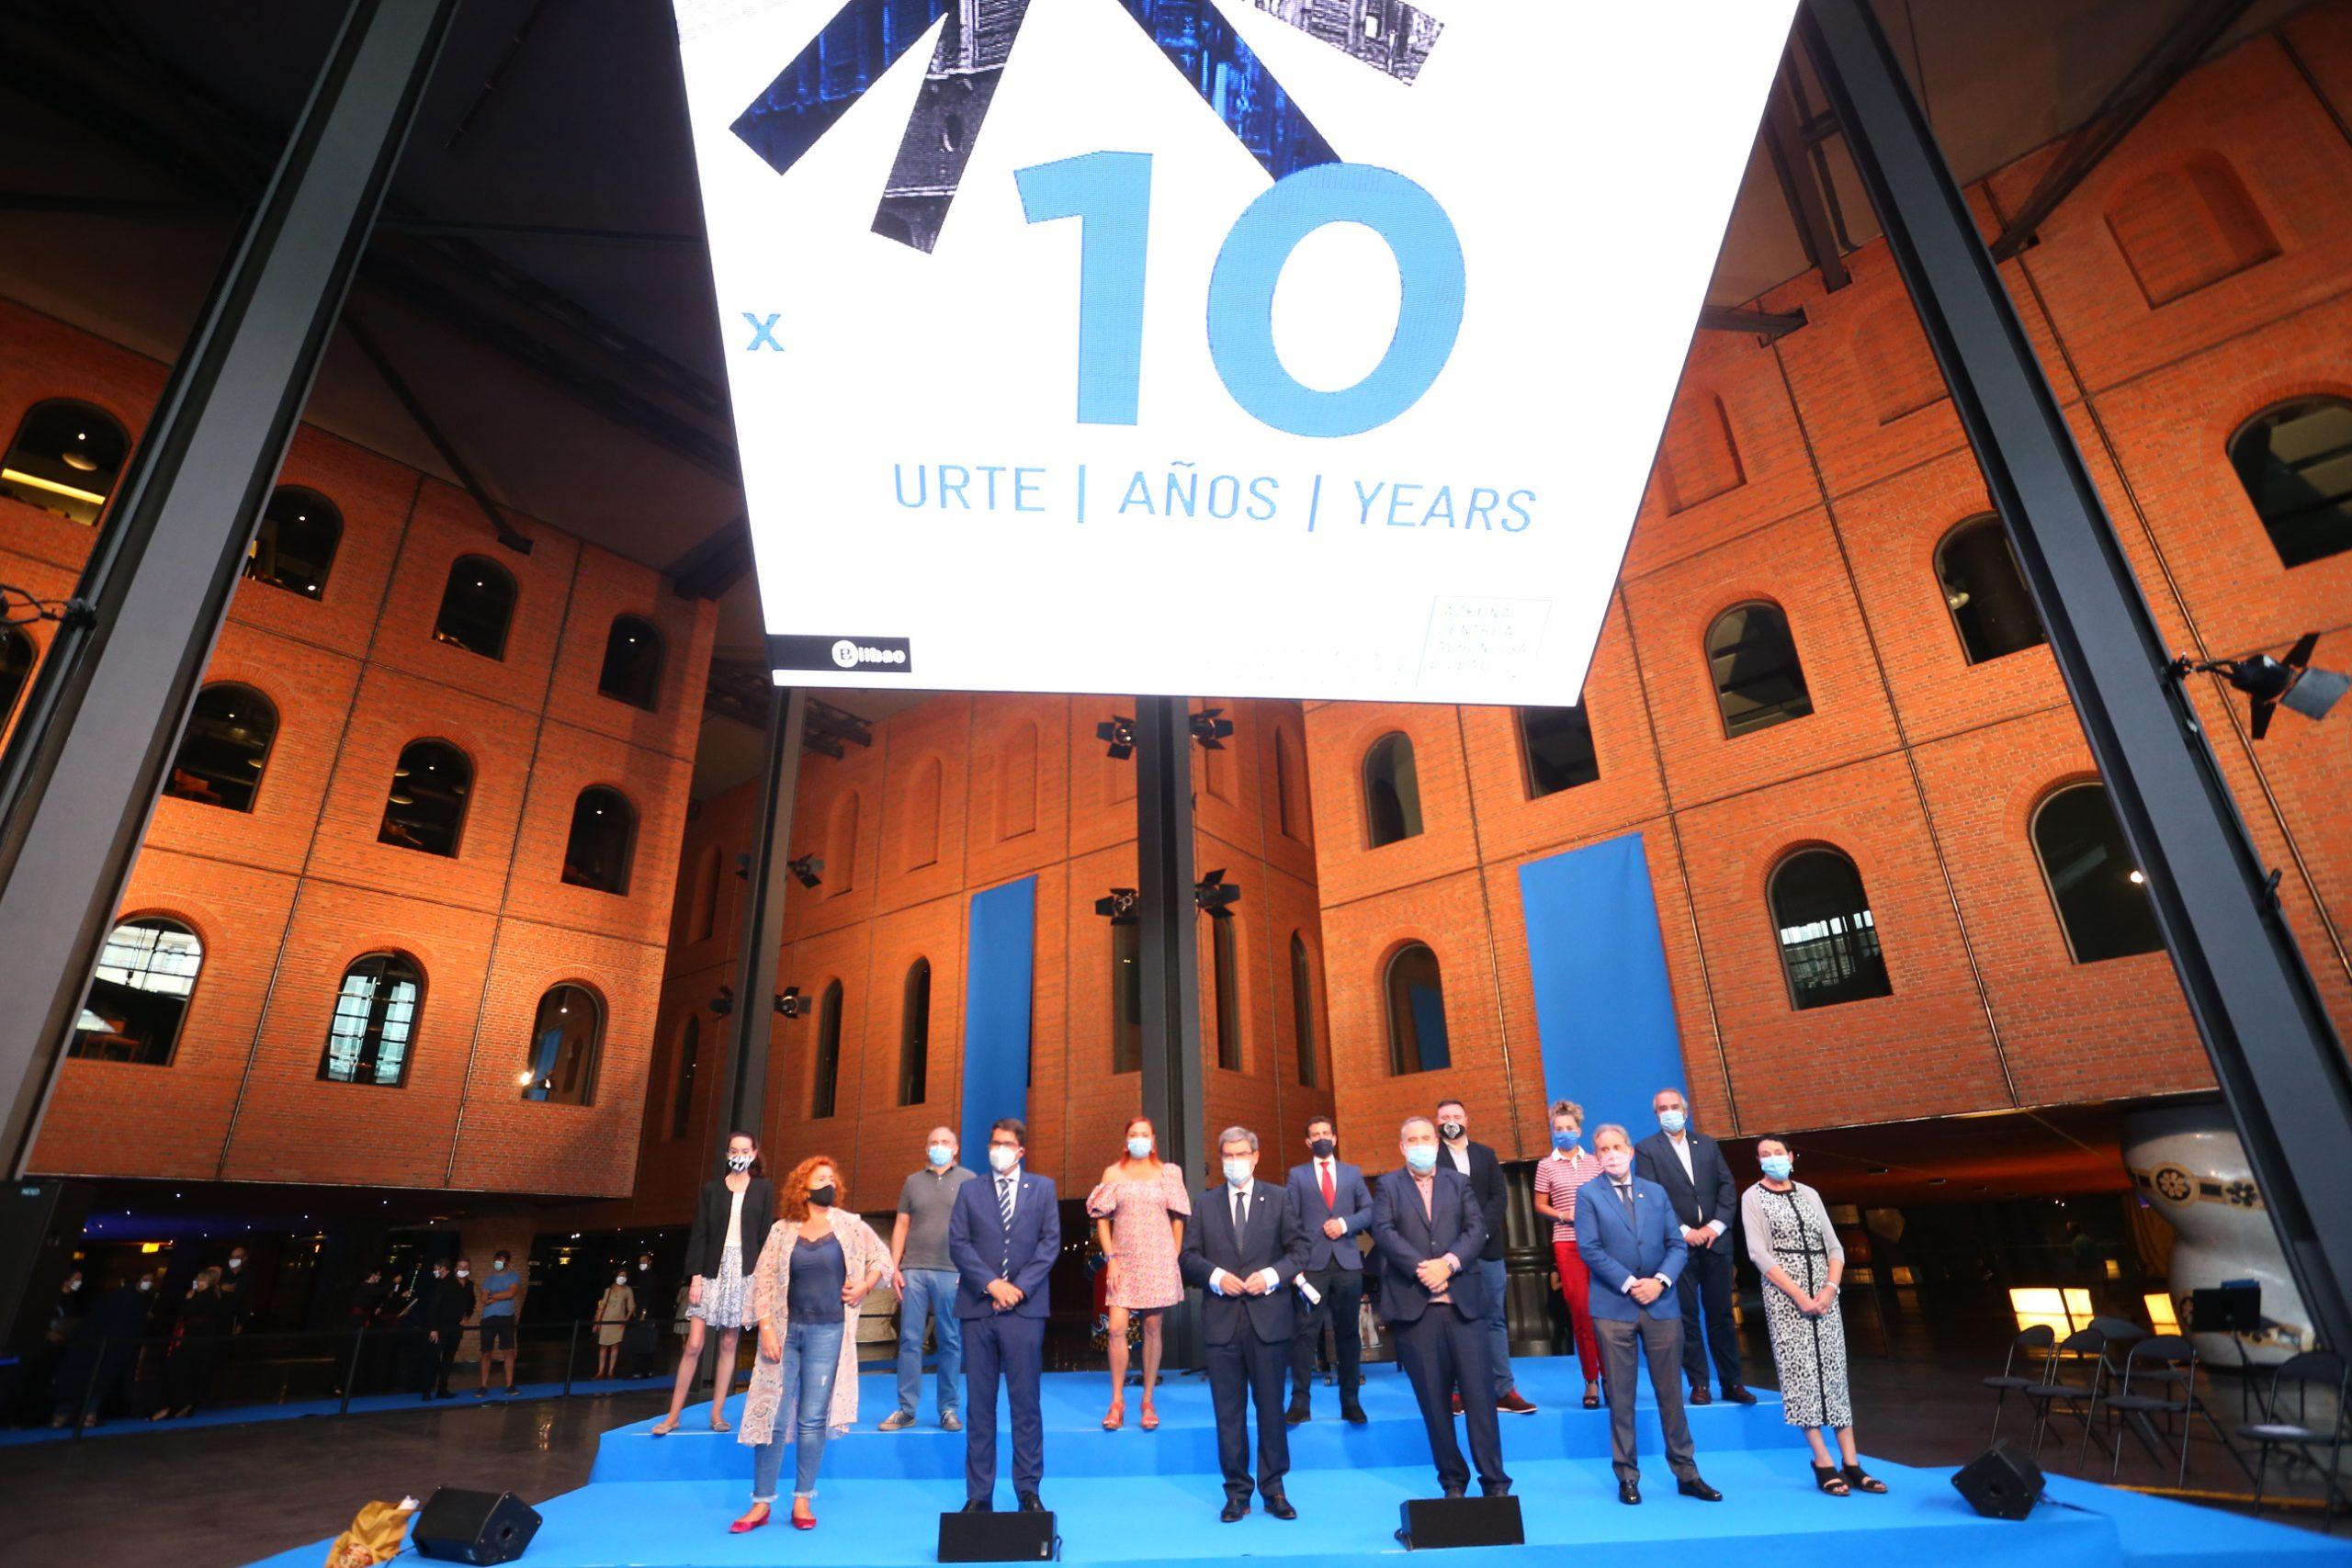 Azkuna Zentroa celebra su décimo aniversario con la Jornada de puertas abiertas a la creación artística